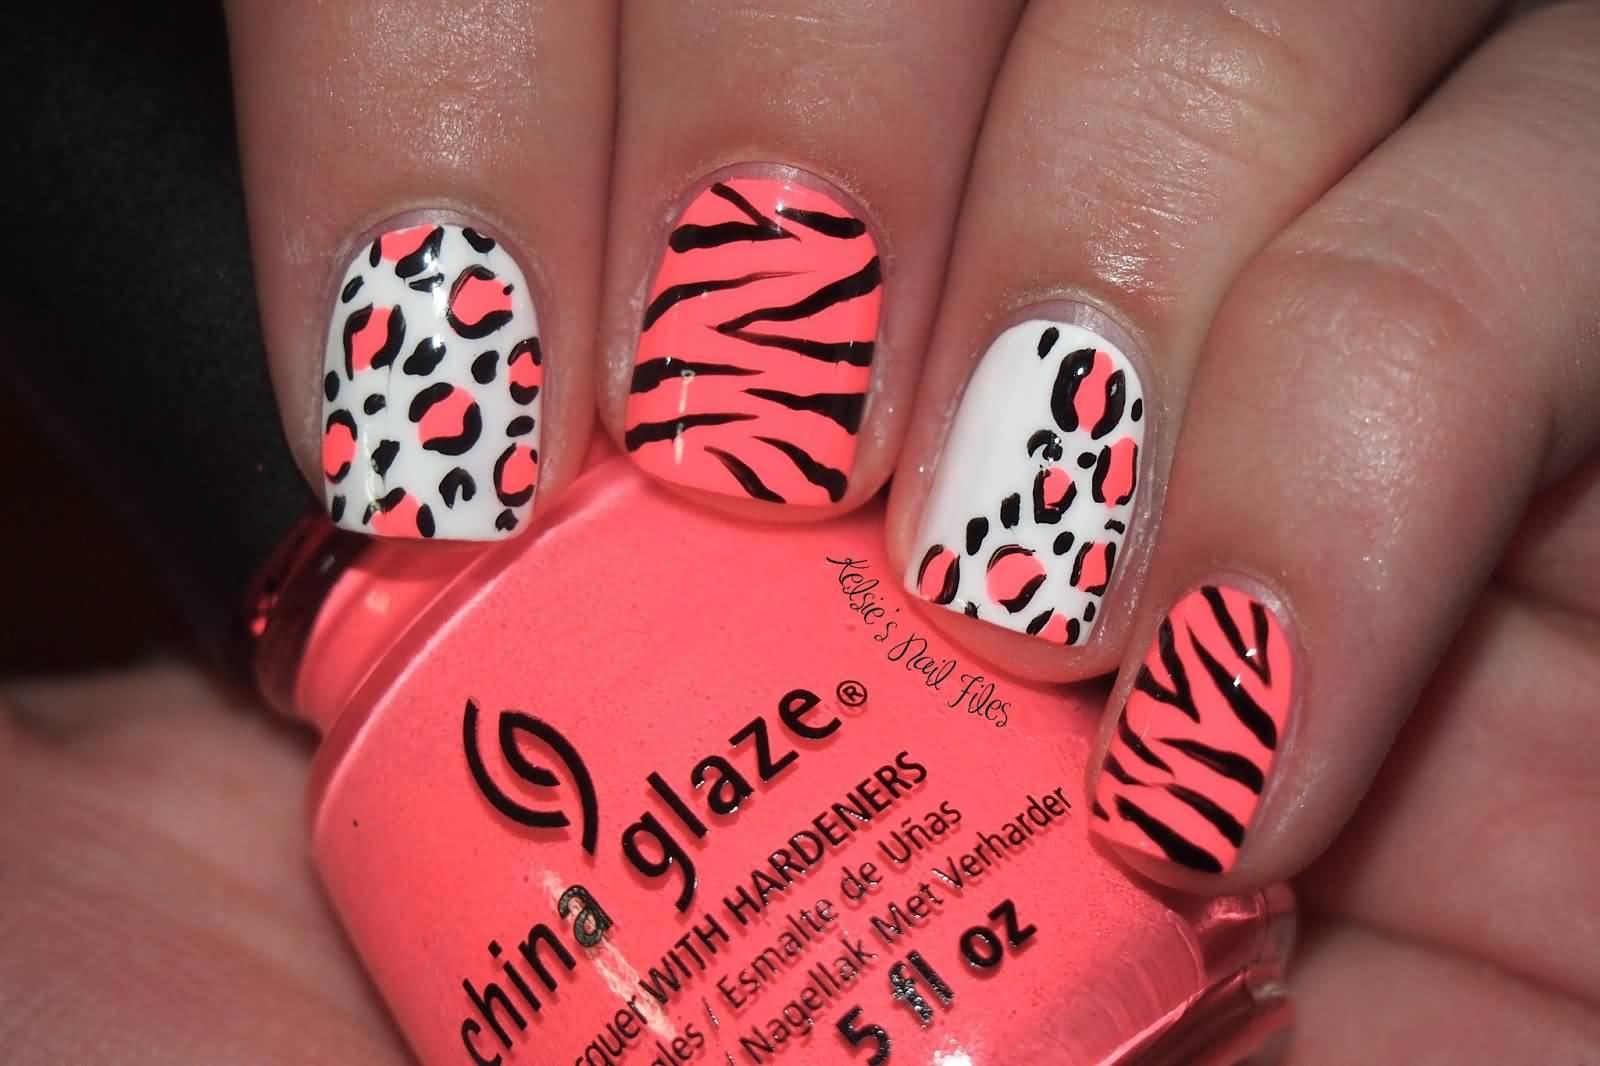 Pink zebra nails nails pinterest - Latest Zebra Print Nail Art Design Ideas For Girls Pink Zebra Nail Art